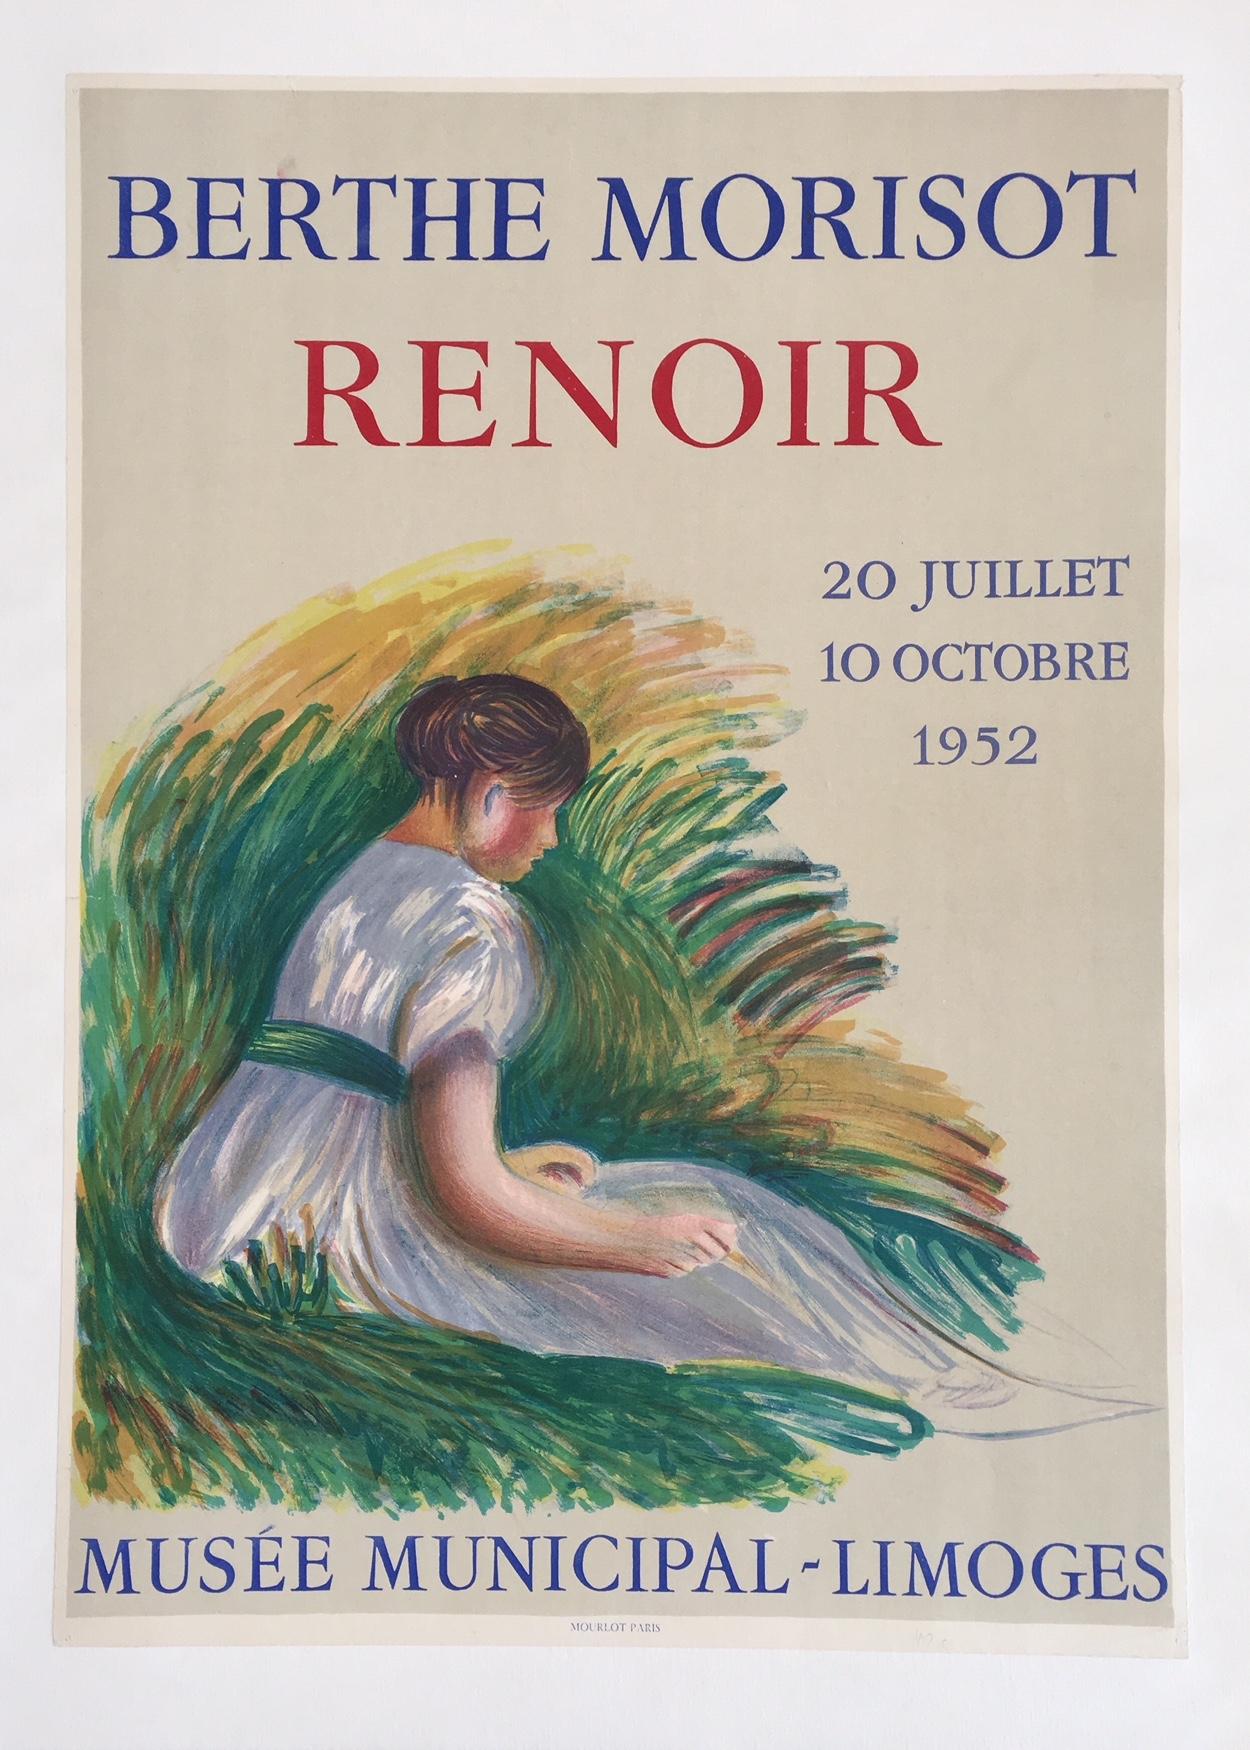 Renoir Berthe Morisot Original Vintage Poster 1952